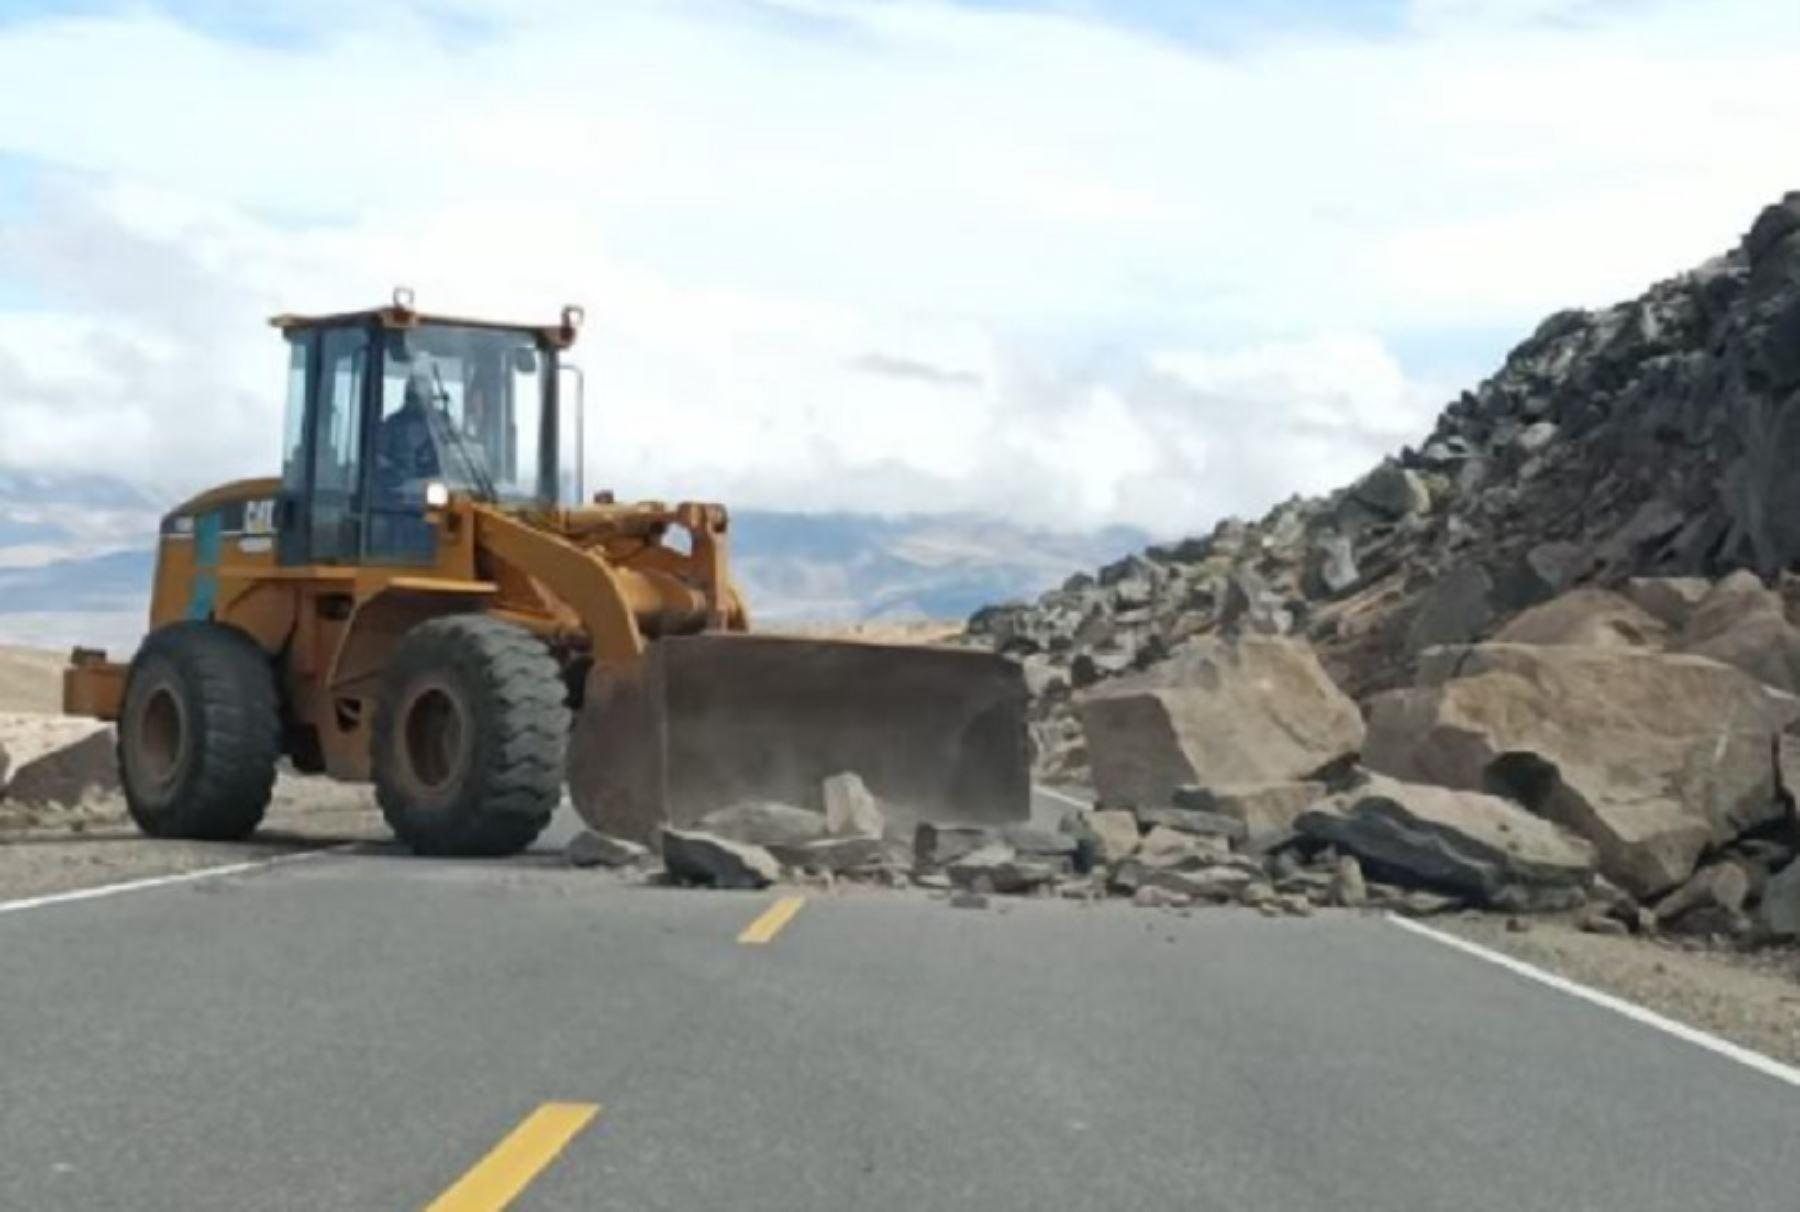 Arequipa: maquinaria pesada retira rocas que cayeron en autopista debido a sismos